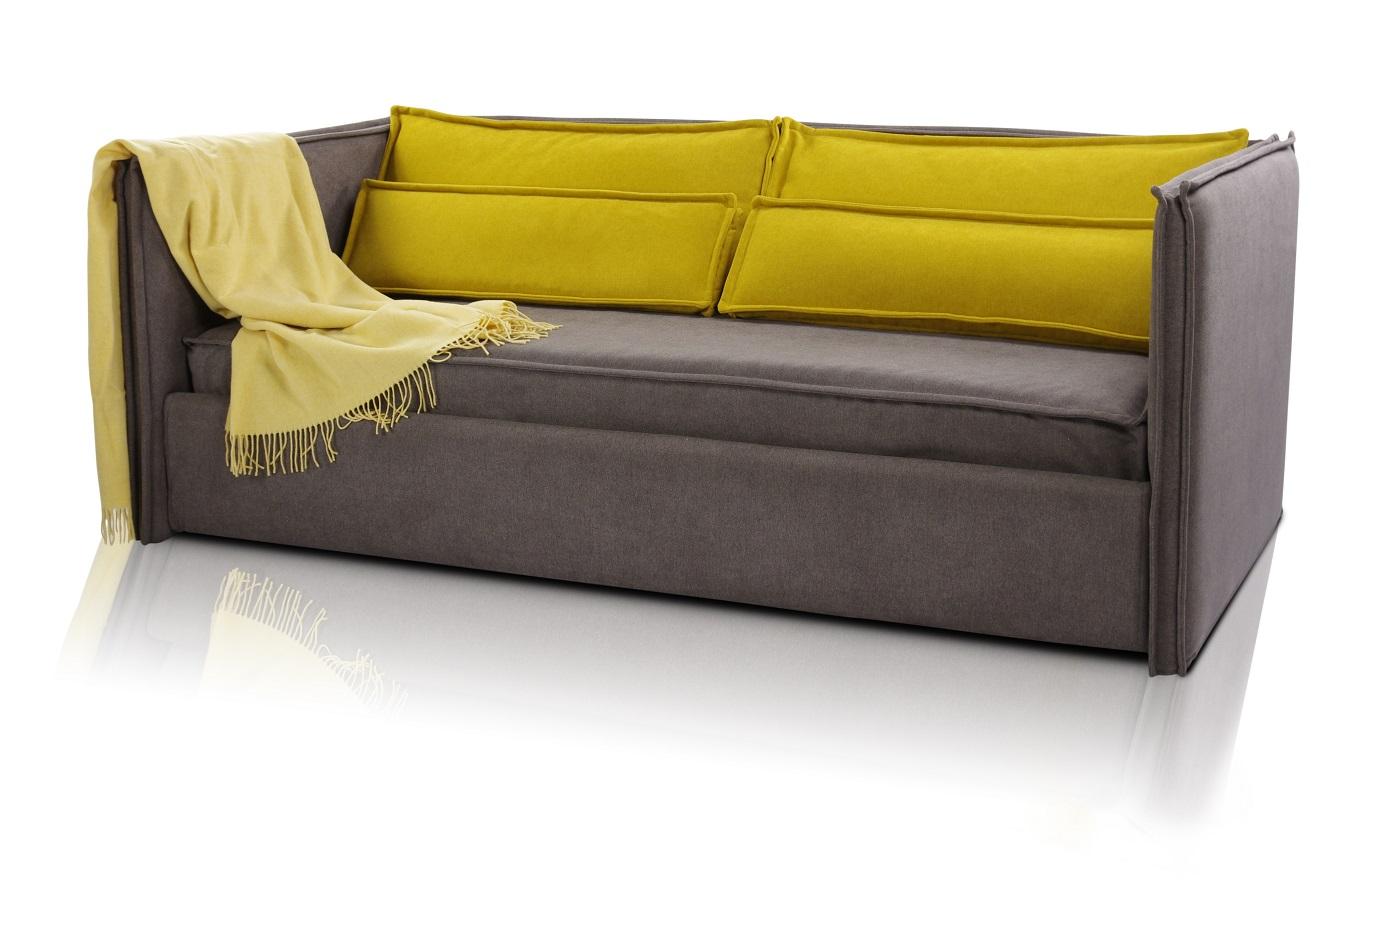 Кровать Solo v3 с подъемным механизмом 190х90